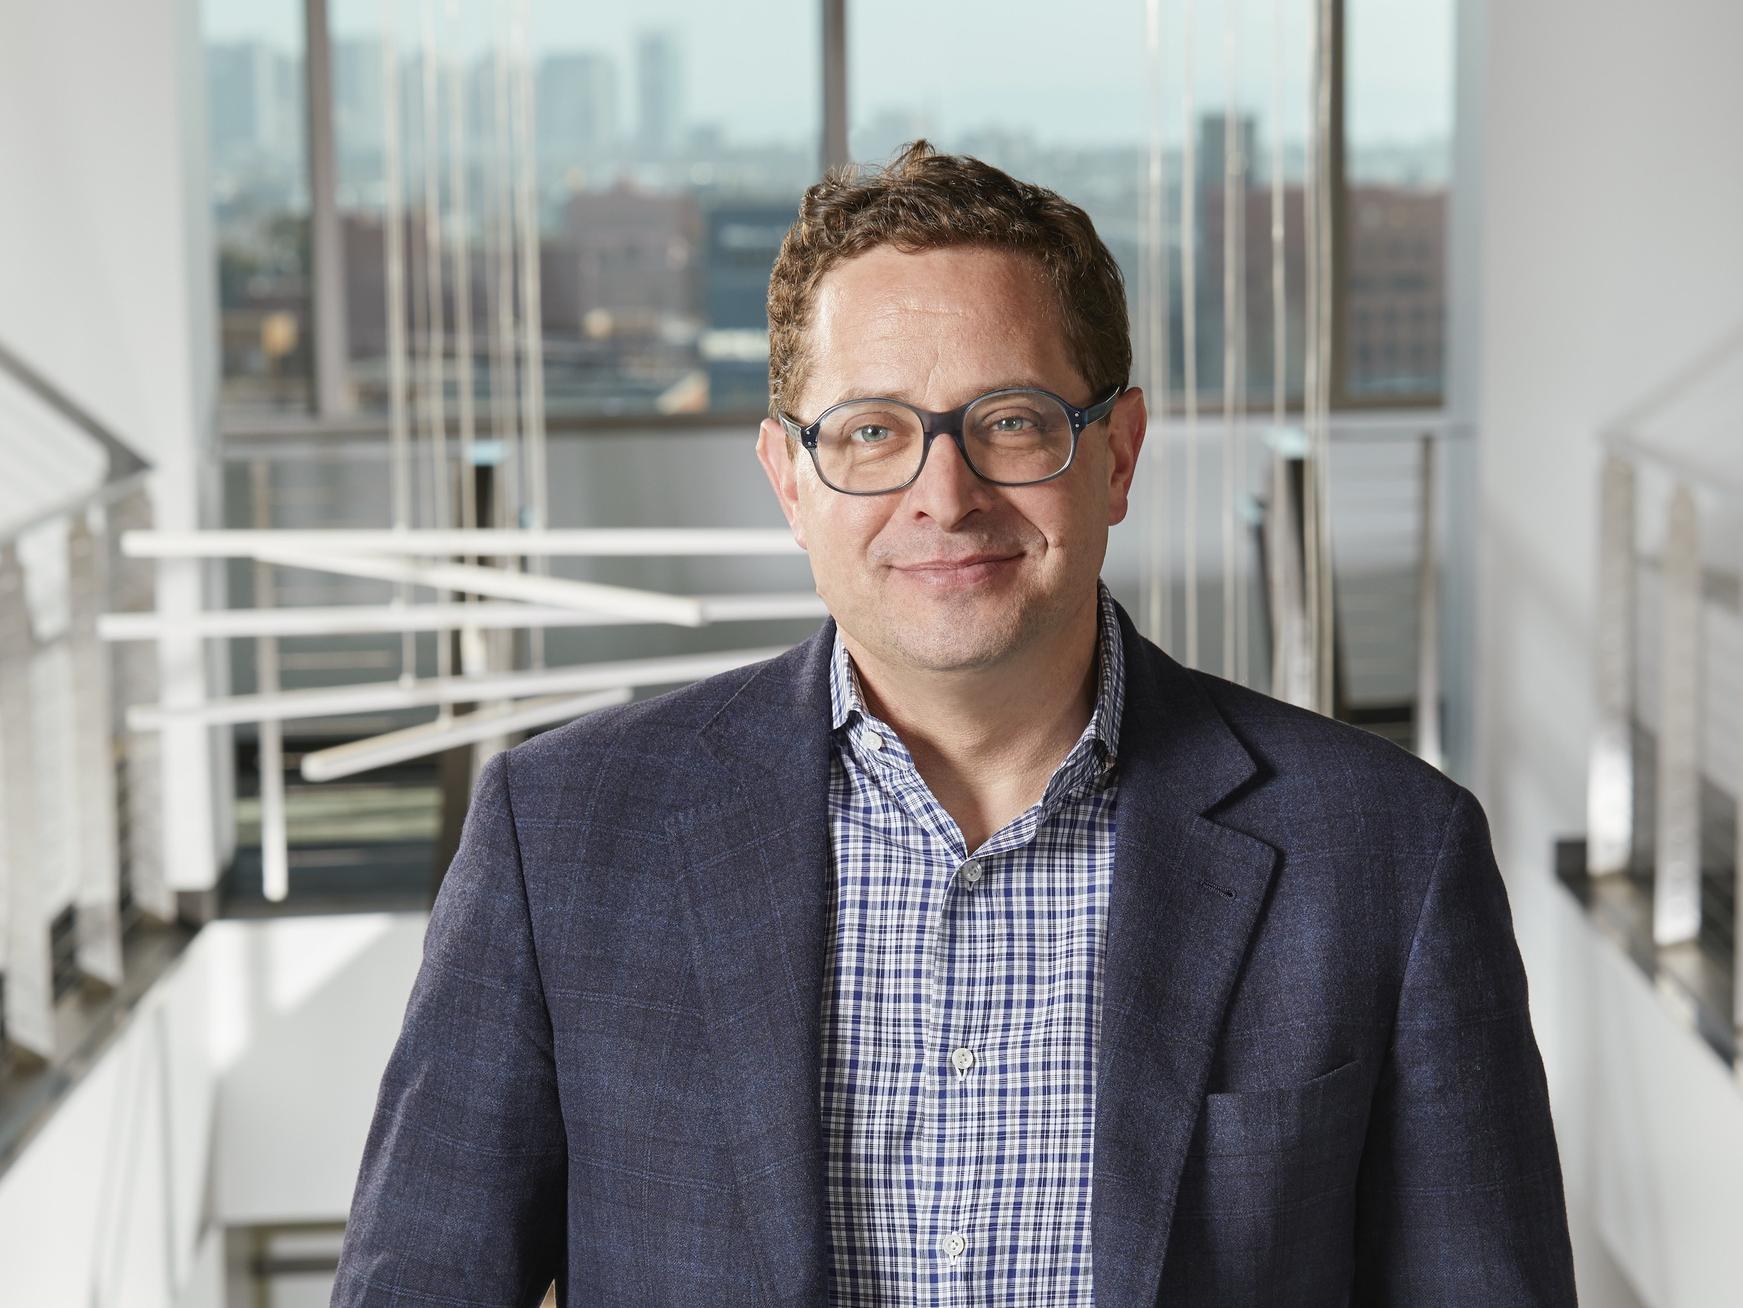 Zymergen cofounder and CEO Josh Hoffman